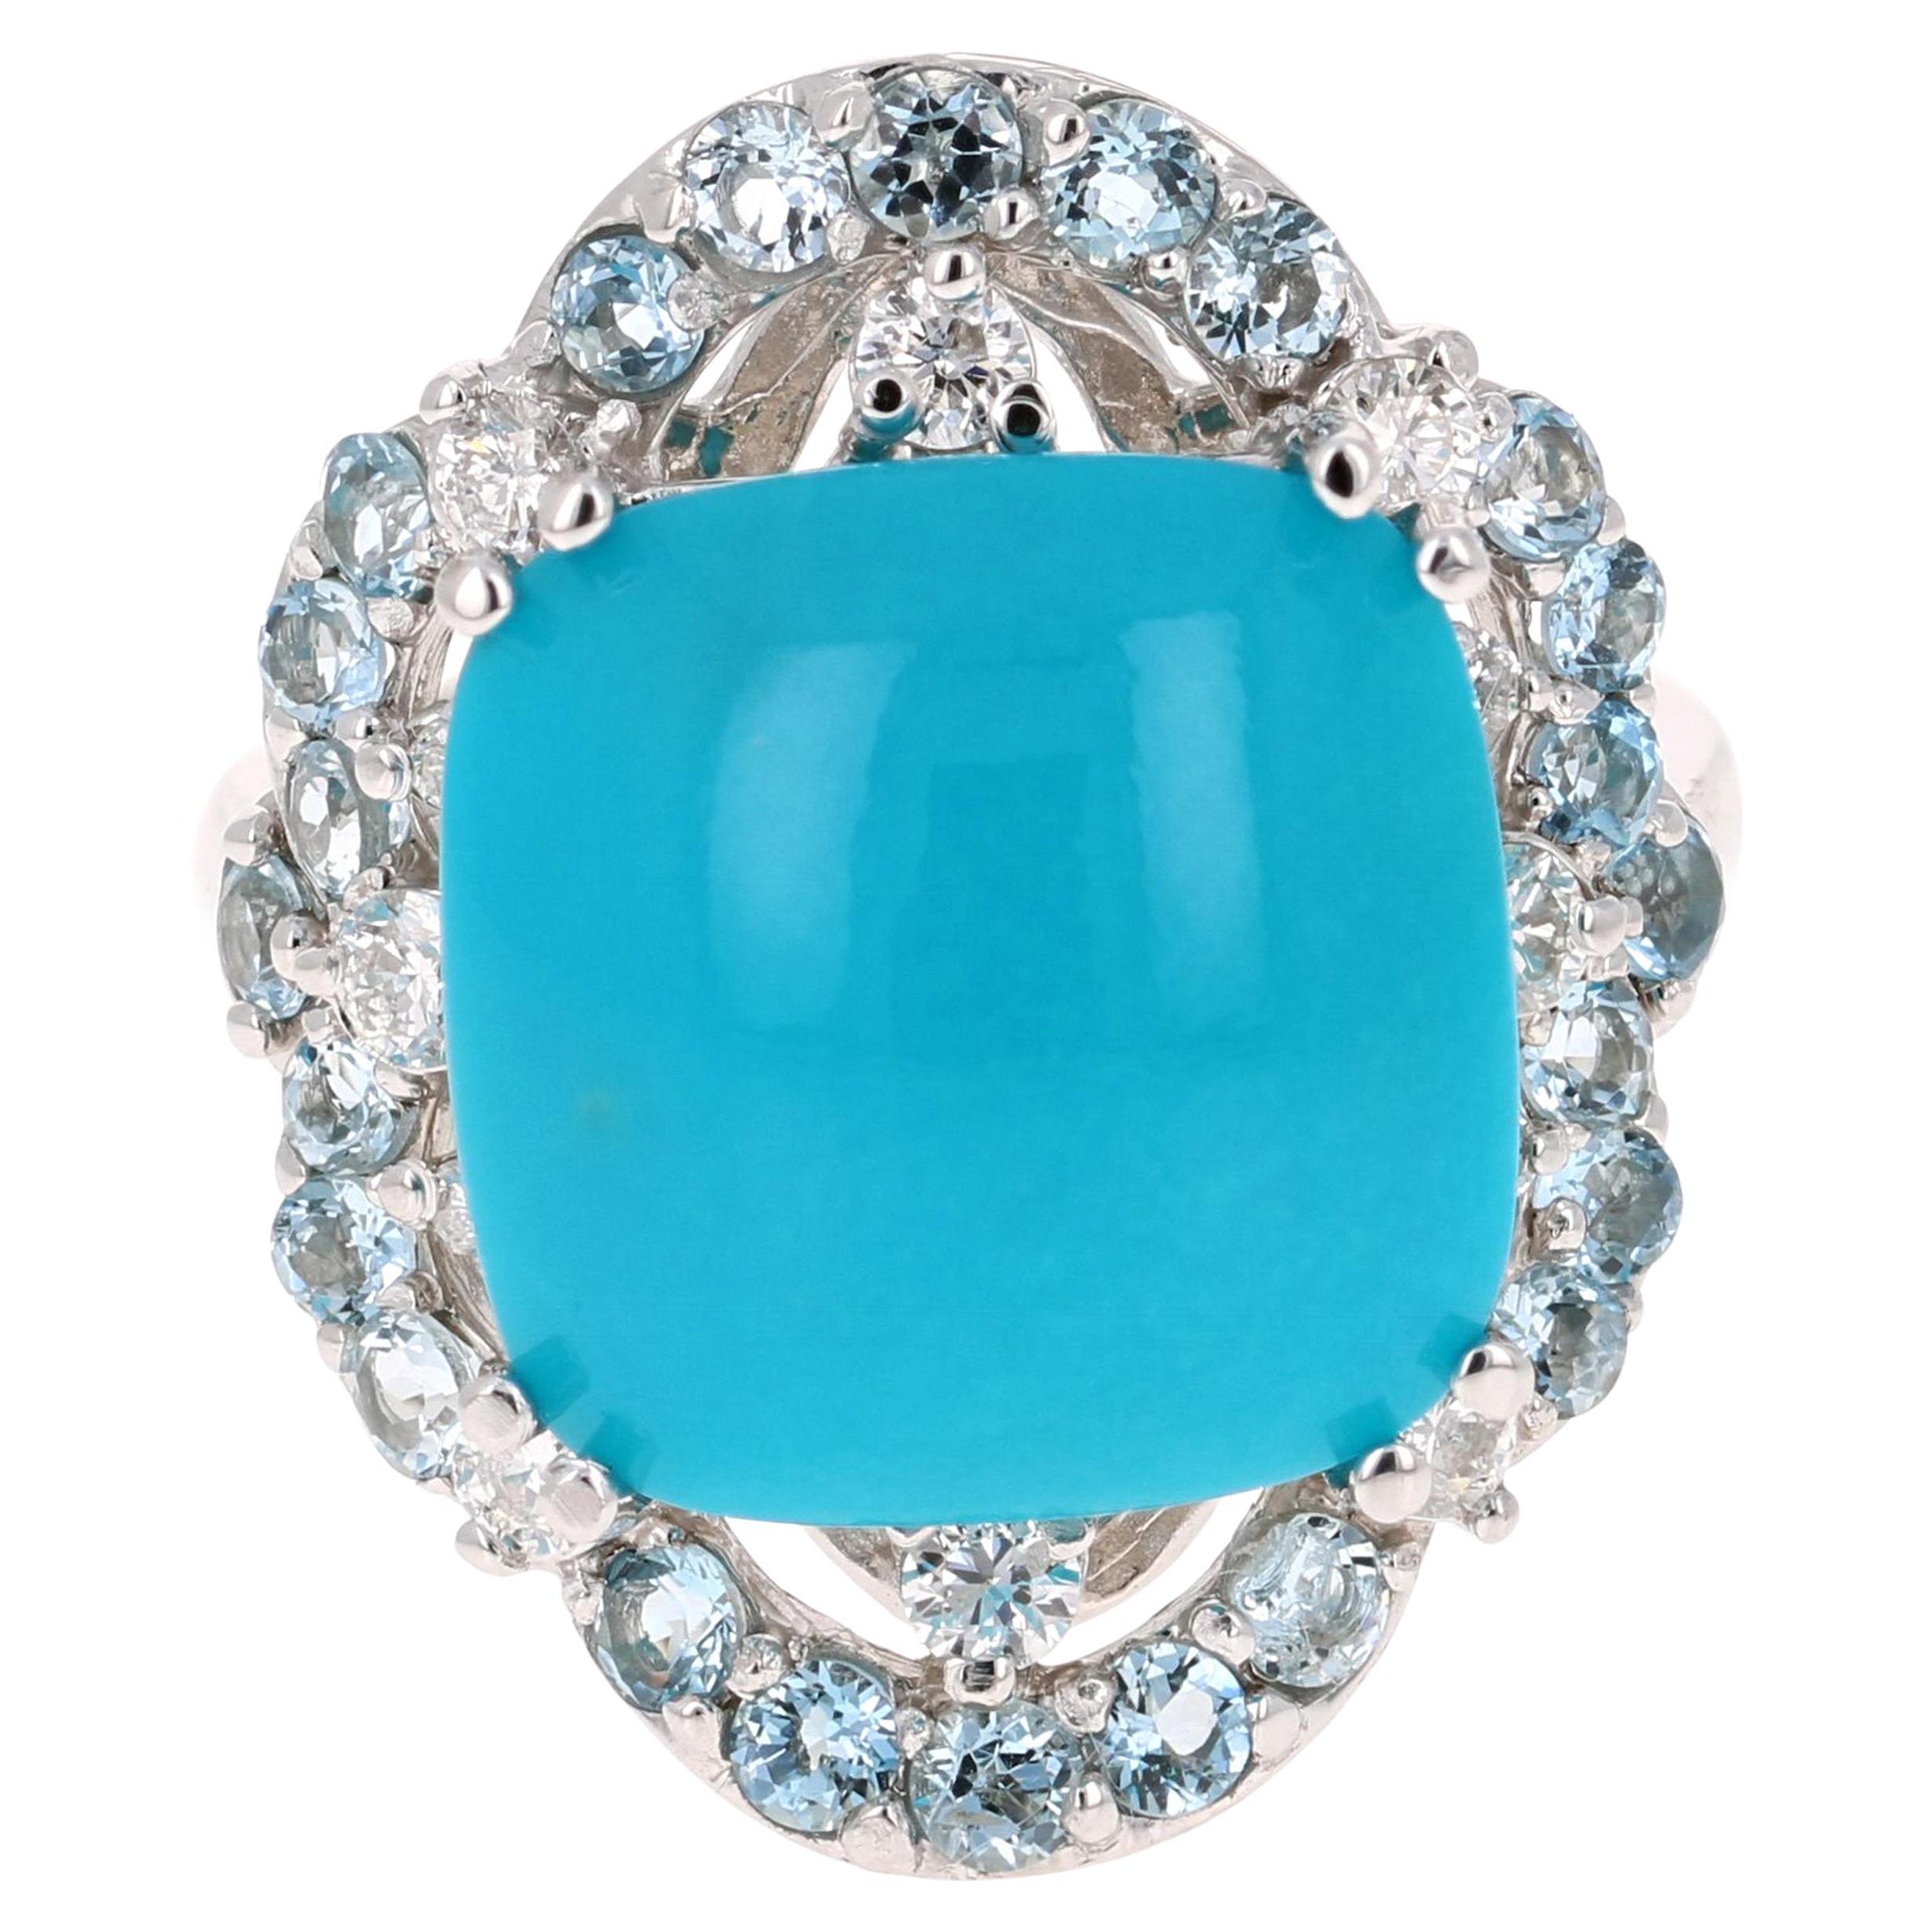 10.96 Carat Turquoise Diamond 14 Karat White Gold Cocktail Ring